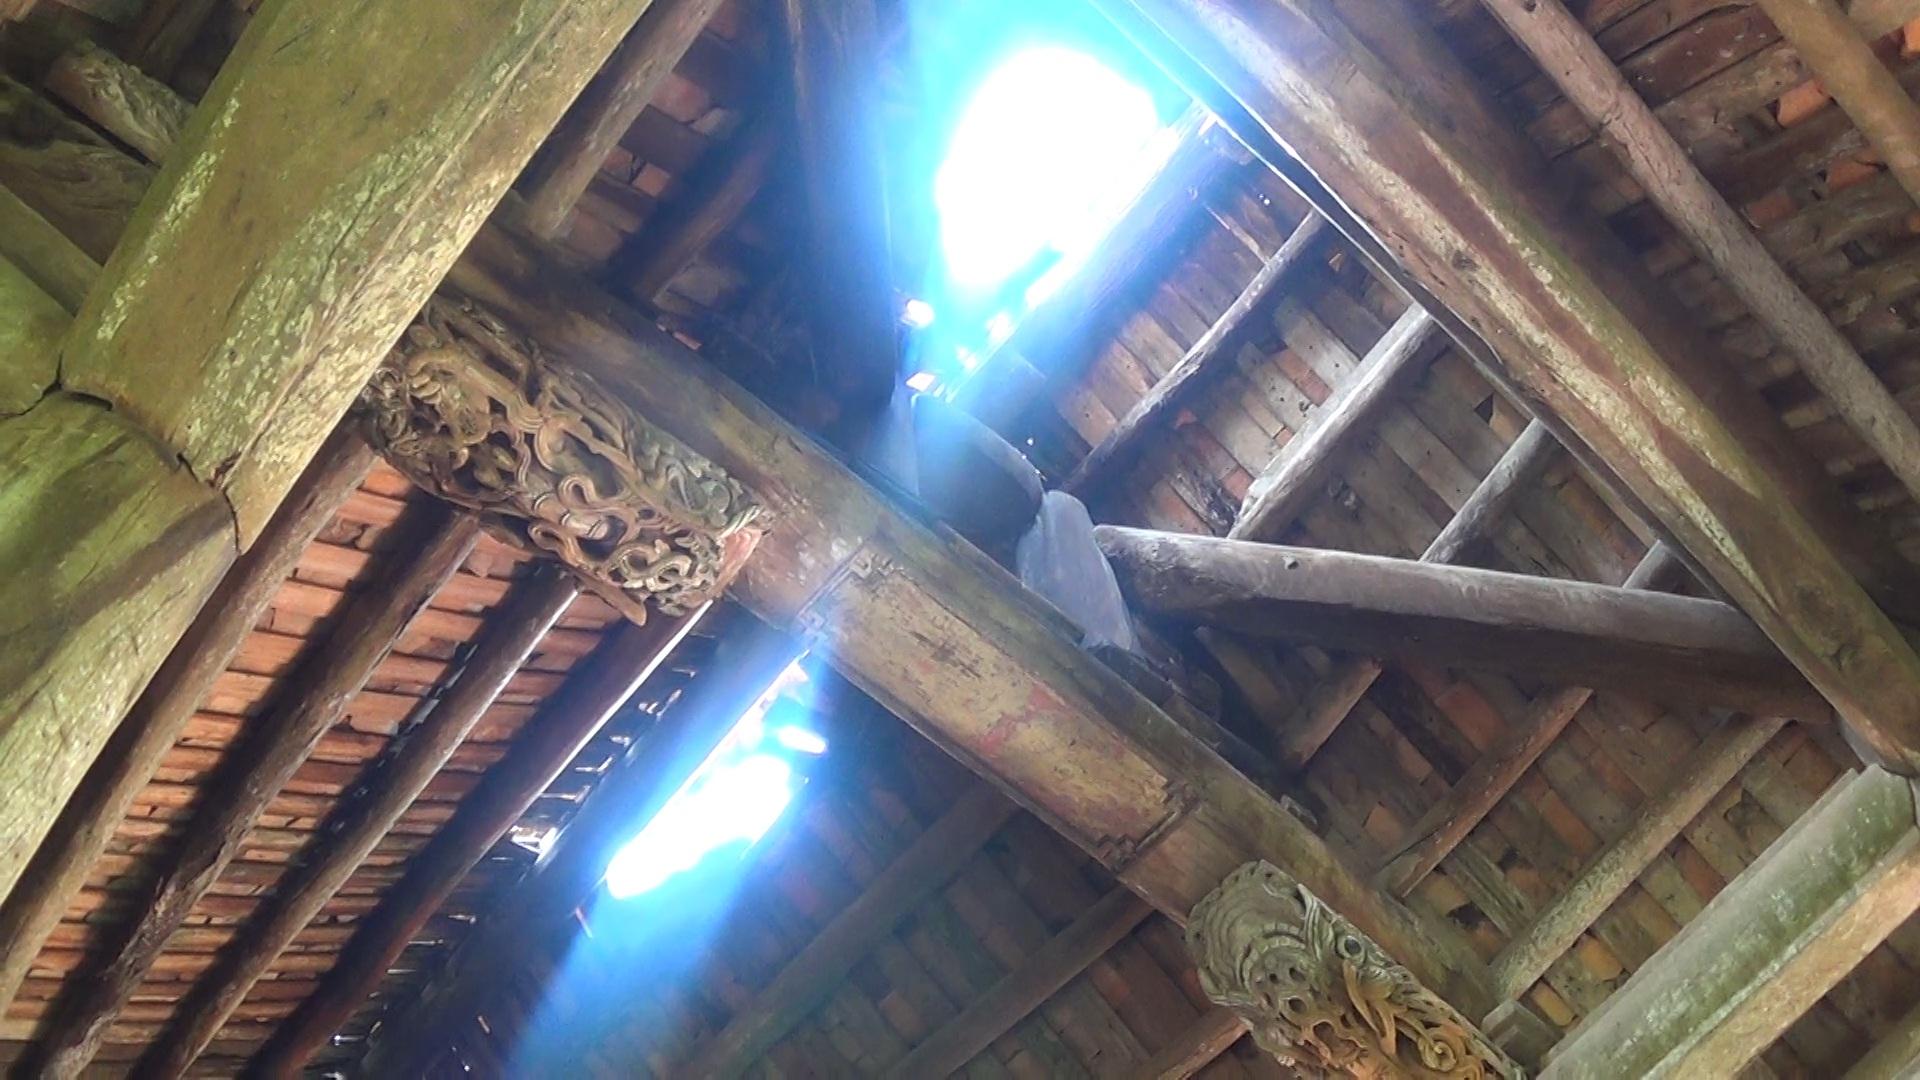 Tuy nhiên, đến nay, mái ngói của đình Đình Chu đã bị xô lệch rất nhiều, phần nóc bị hở sáng. Nhiều chỗ ngói xô sạt lại thành đống. Mỗi lần trời mưa, nước mưa xối thẳng vào bên trong hệ thống dui, mè, xà gồ và các cấu kiện gỗ, dẫn đến mái bị võng, mục nát, xô lệch có thể rơi xuống bất cứ lúc nào.